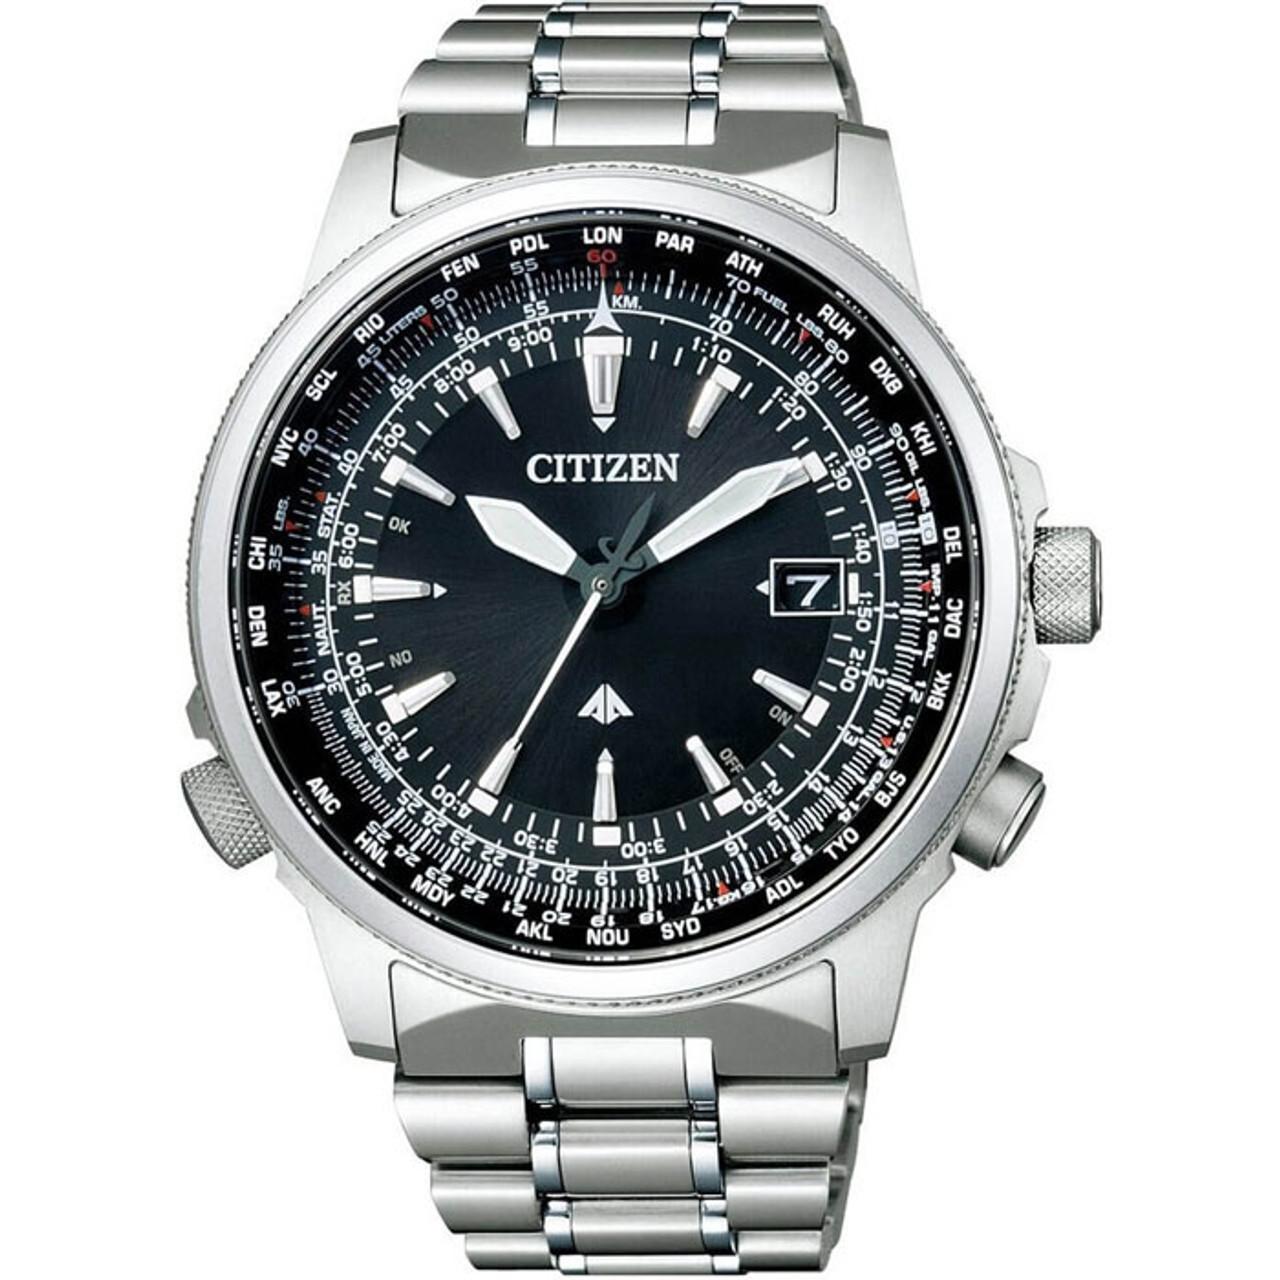 Citizen CB0130-51E Promaster Sky Eco-Drive Titanium